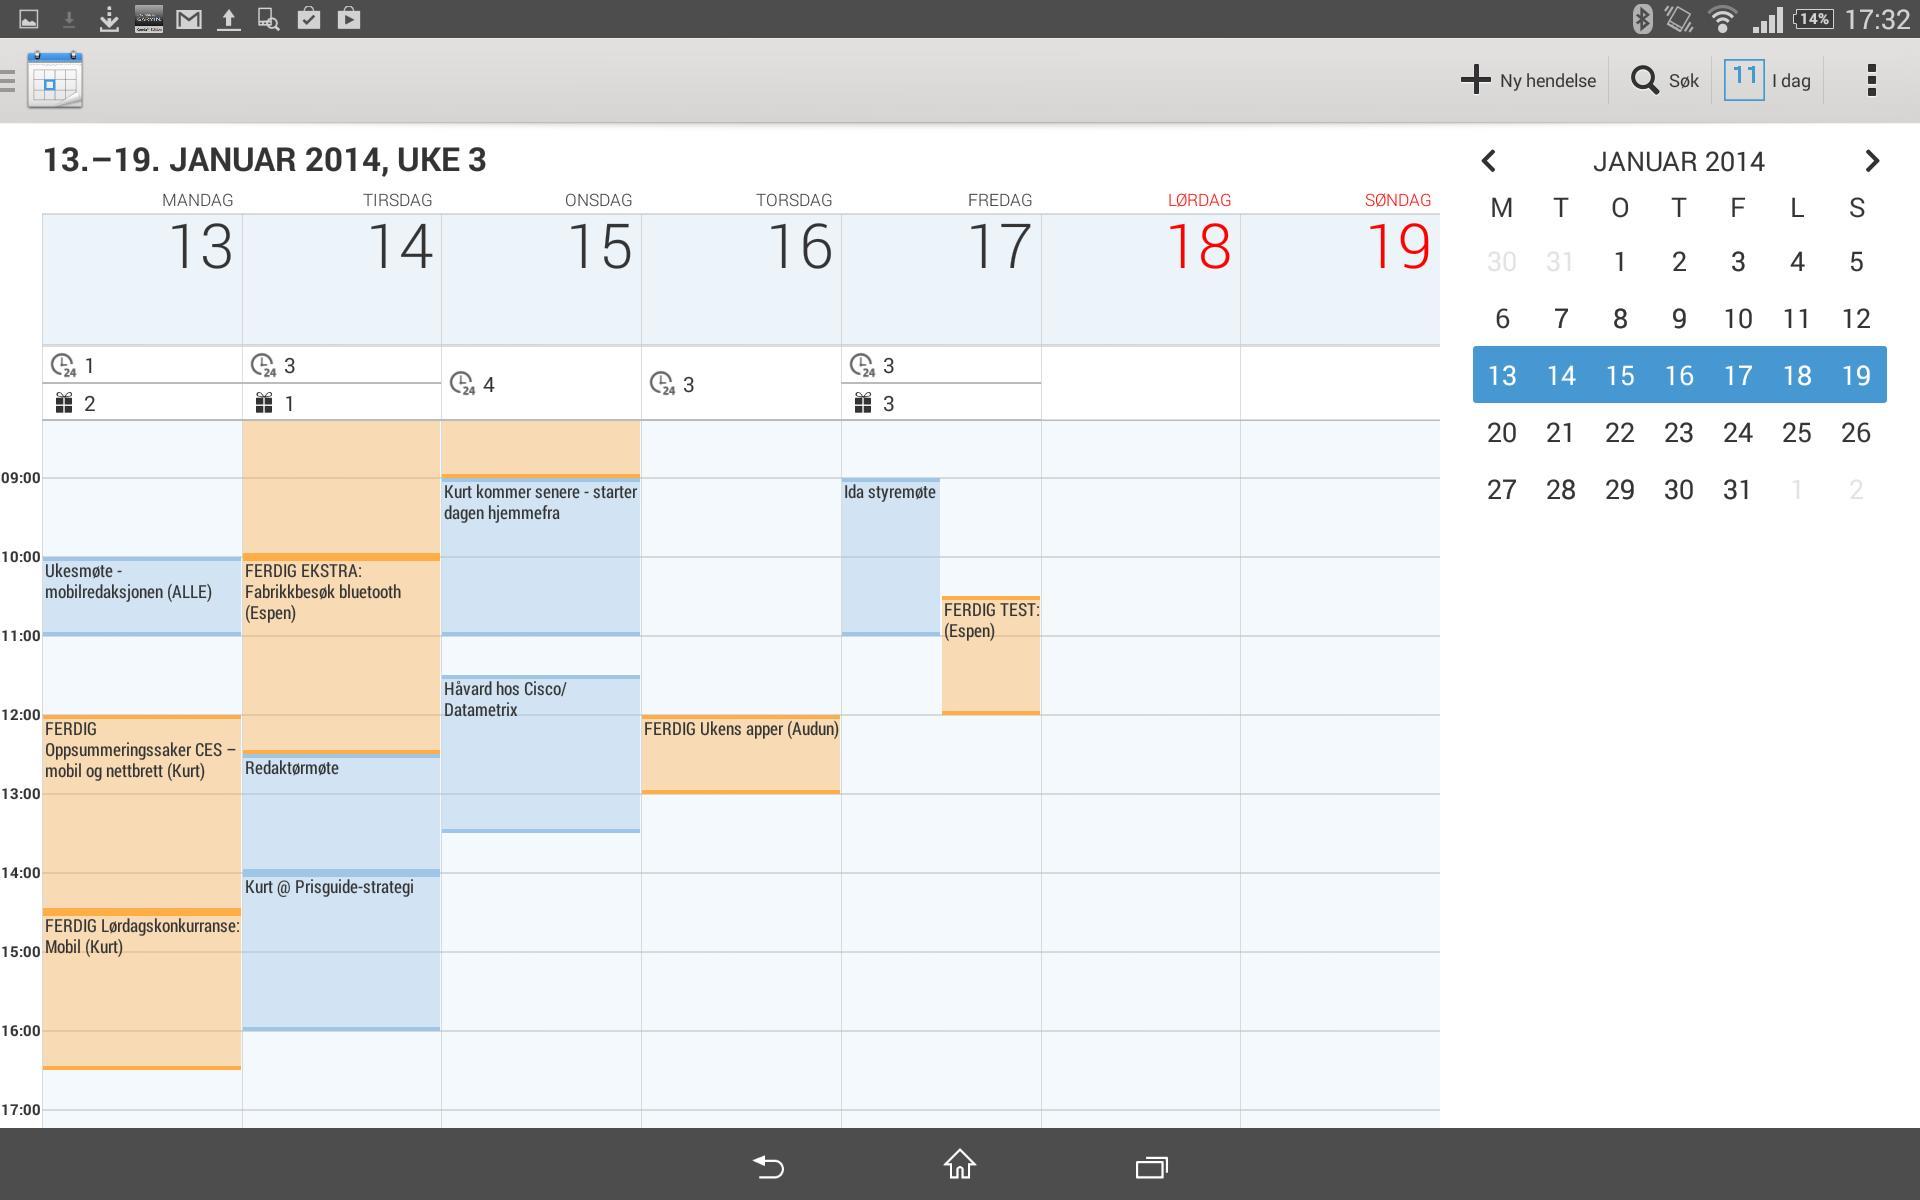 Kalenderen gir god oversikt. Den kan også vise været for de neste dagene.